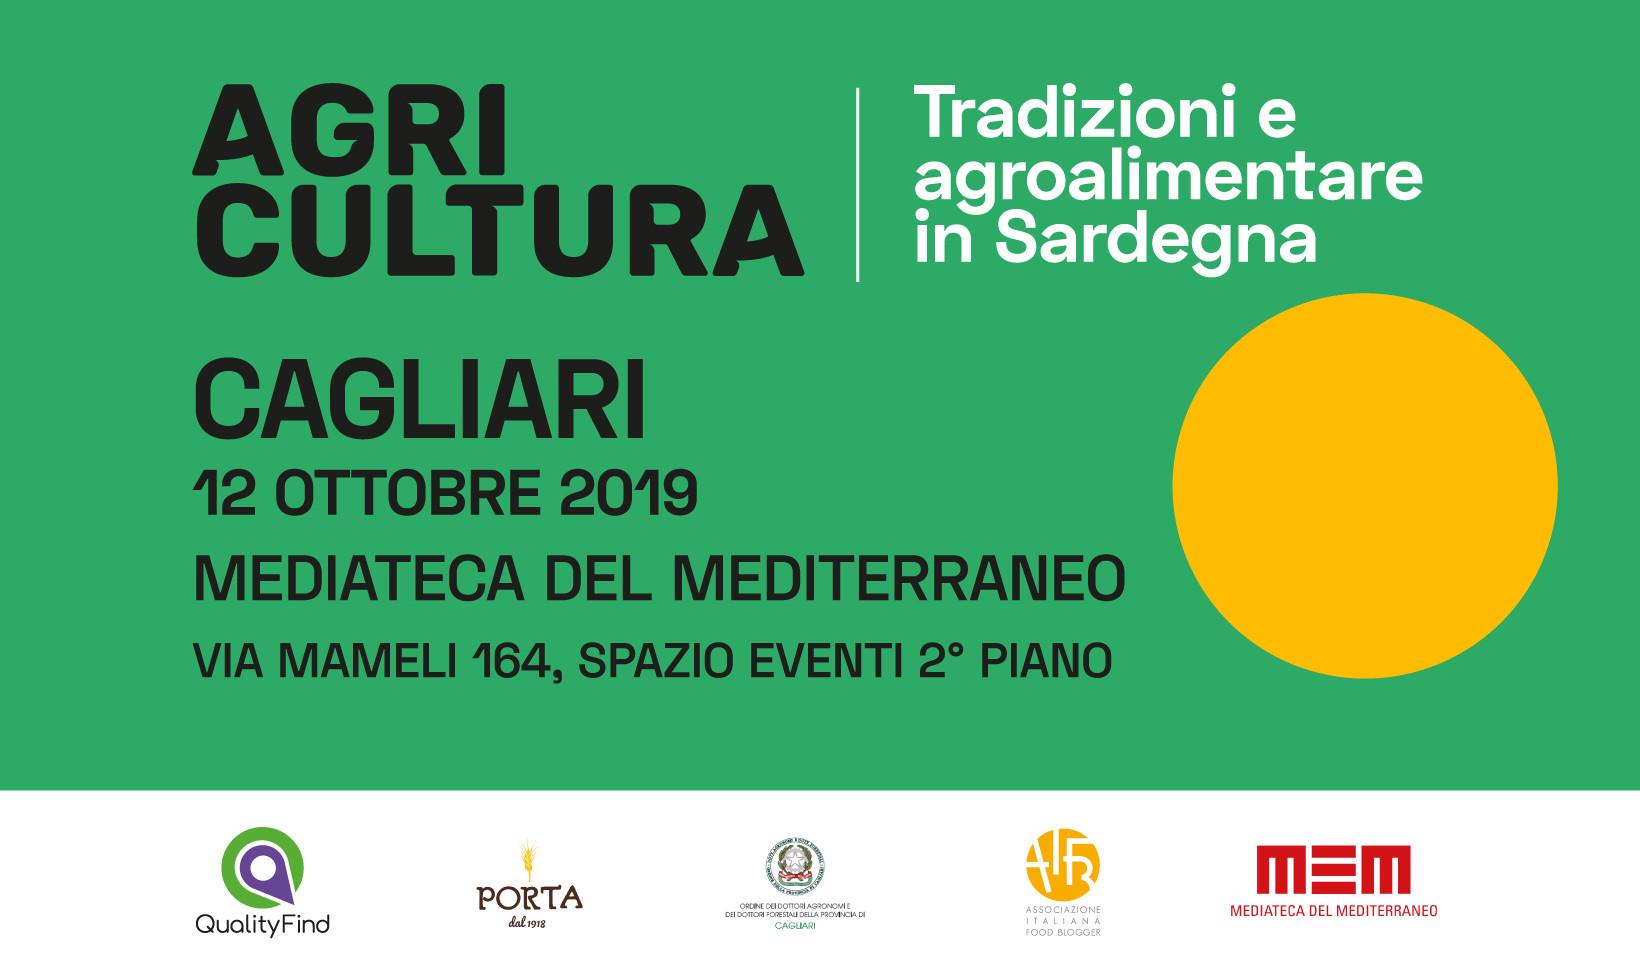 Agricultura, tradizione e agroalimentare in Sardegna